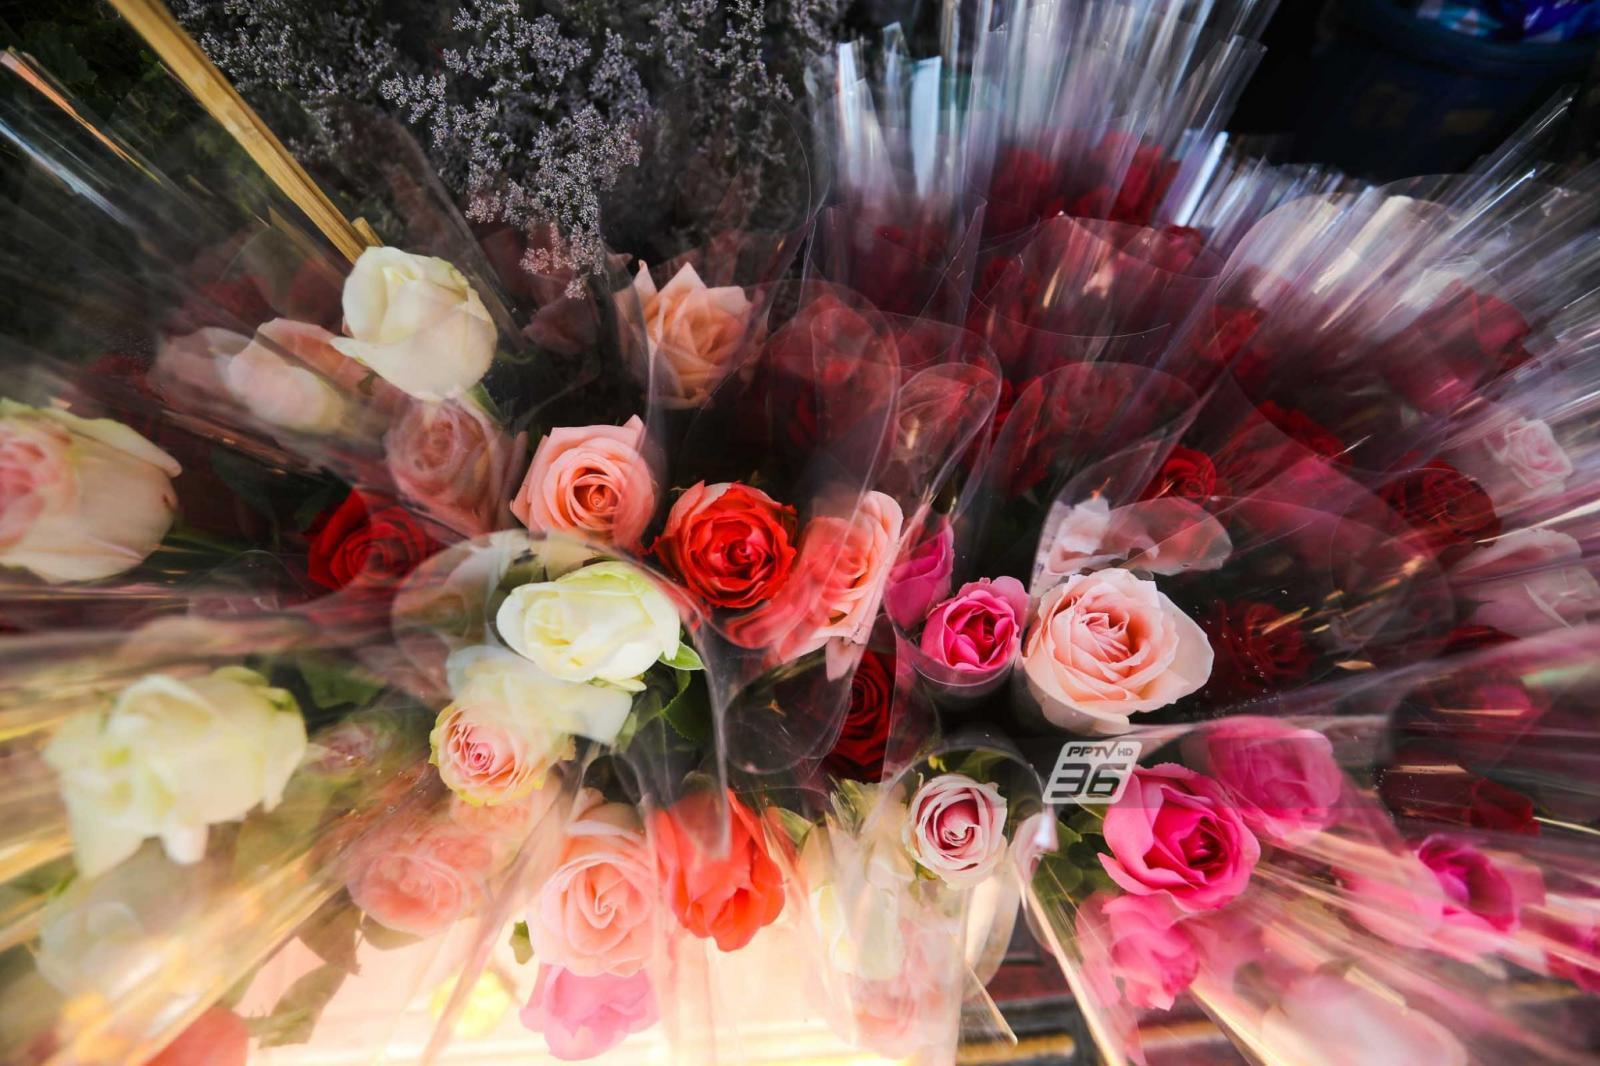 5 ดอกไม้ยอดฮิตปากคลองตลาด พร้อมความหมาย